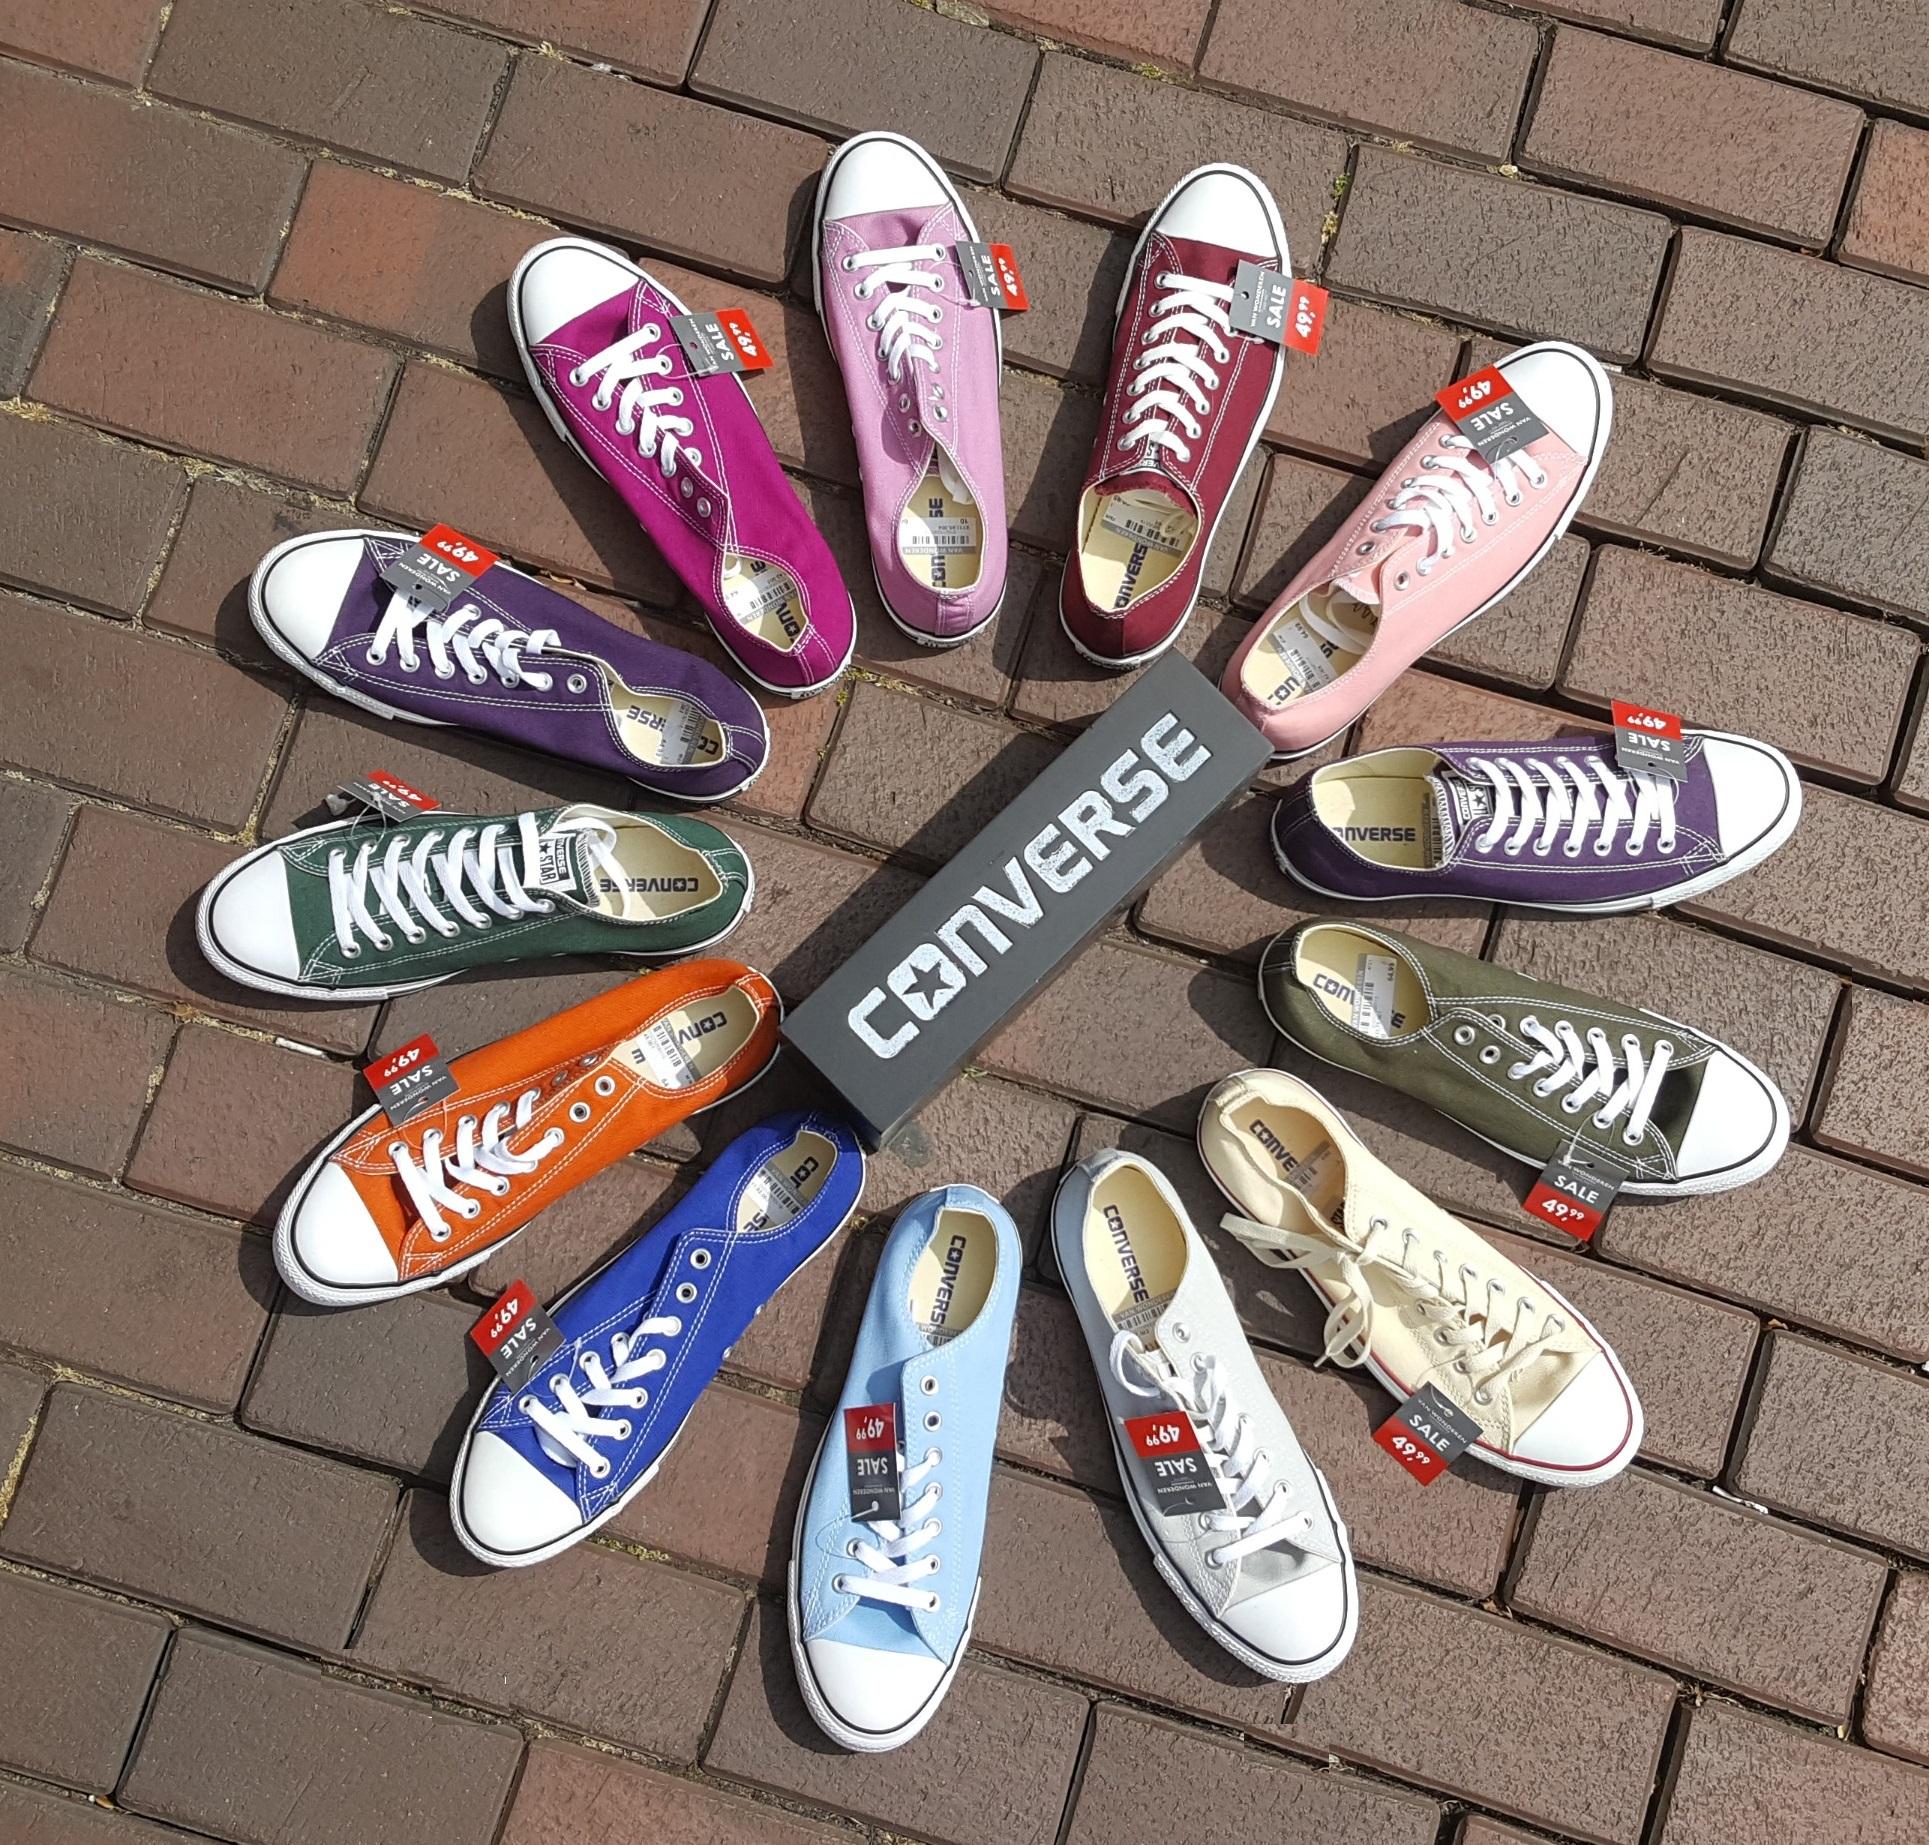 Familiebedrijf in grote maten schoenen al 45 jaar in Hilversum